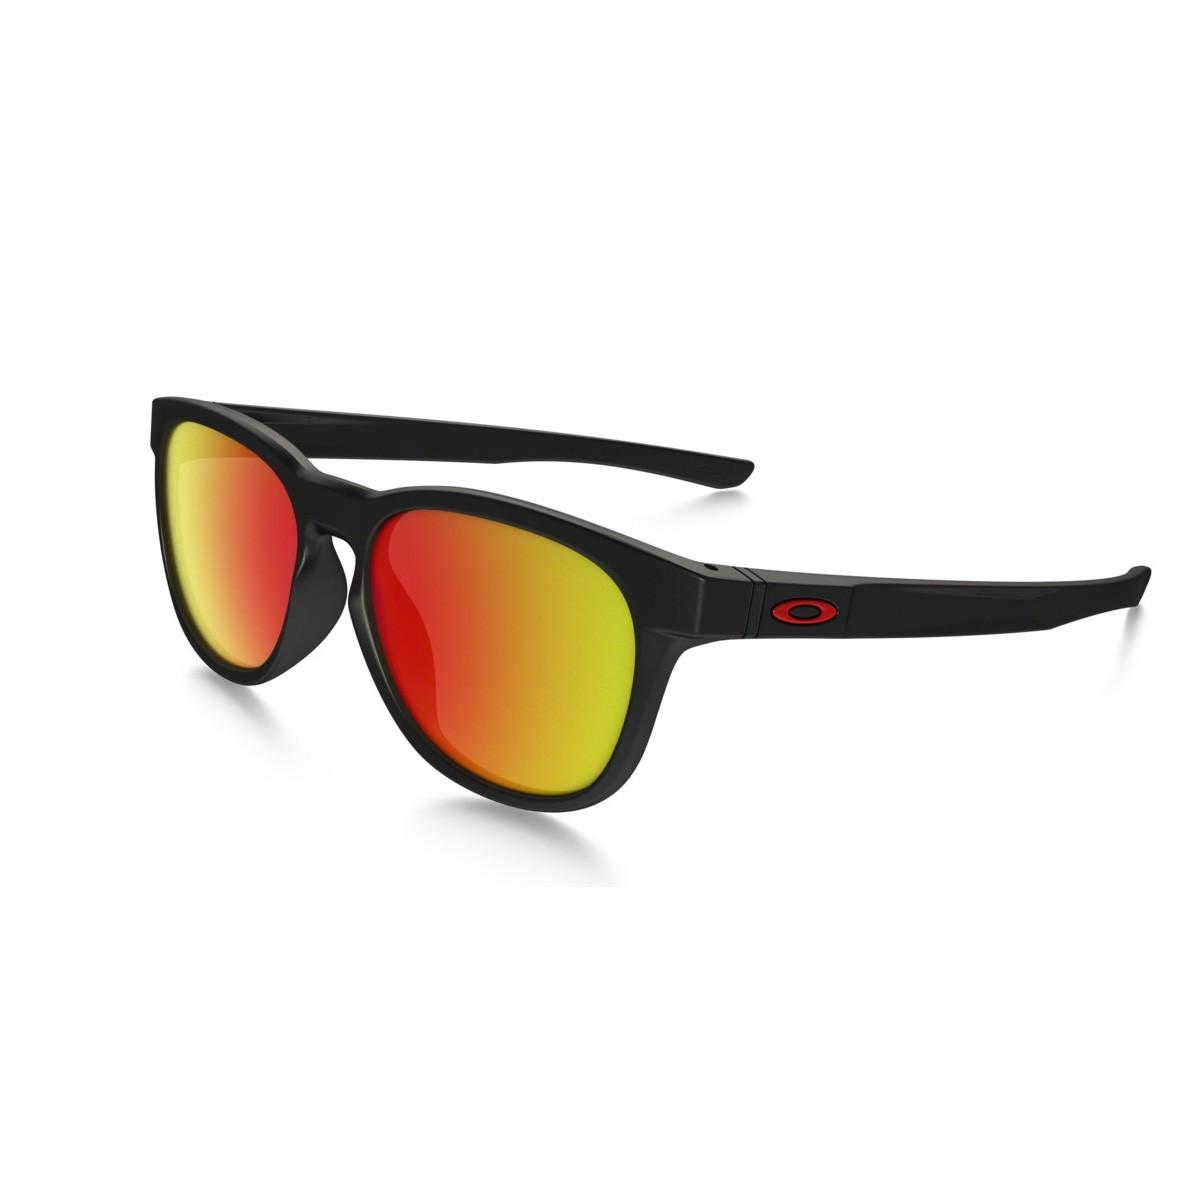 oakley sonnenbrillen verspiegelt